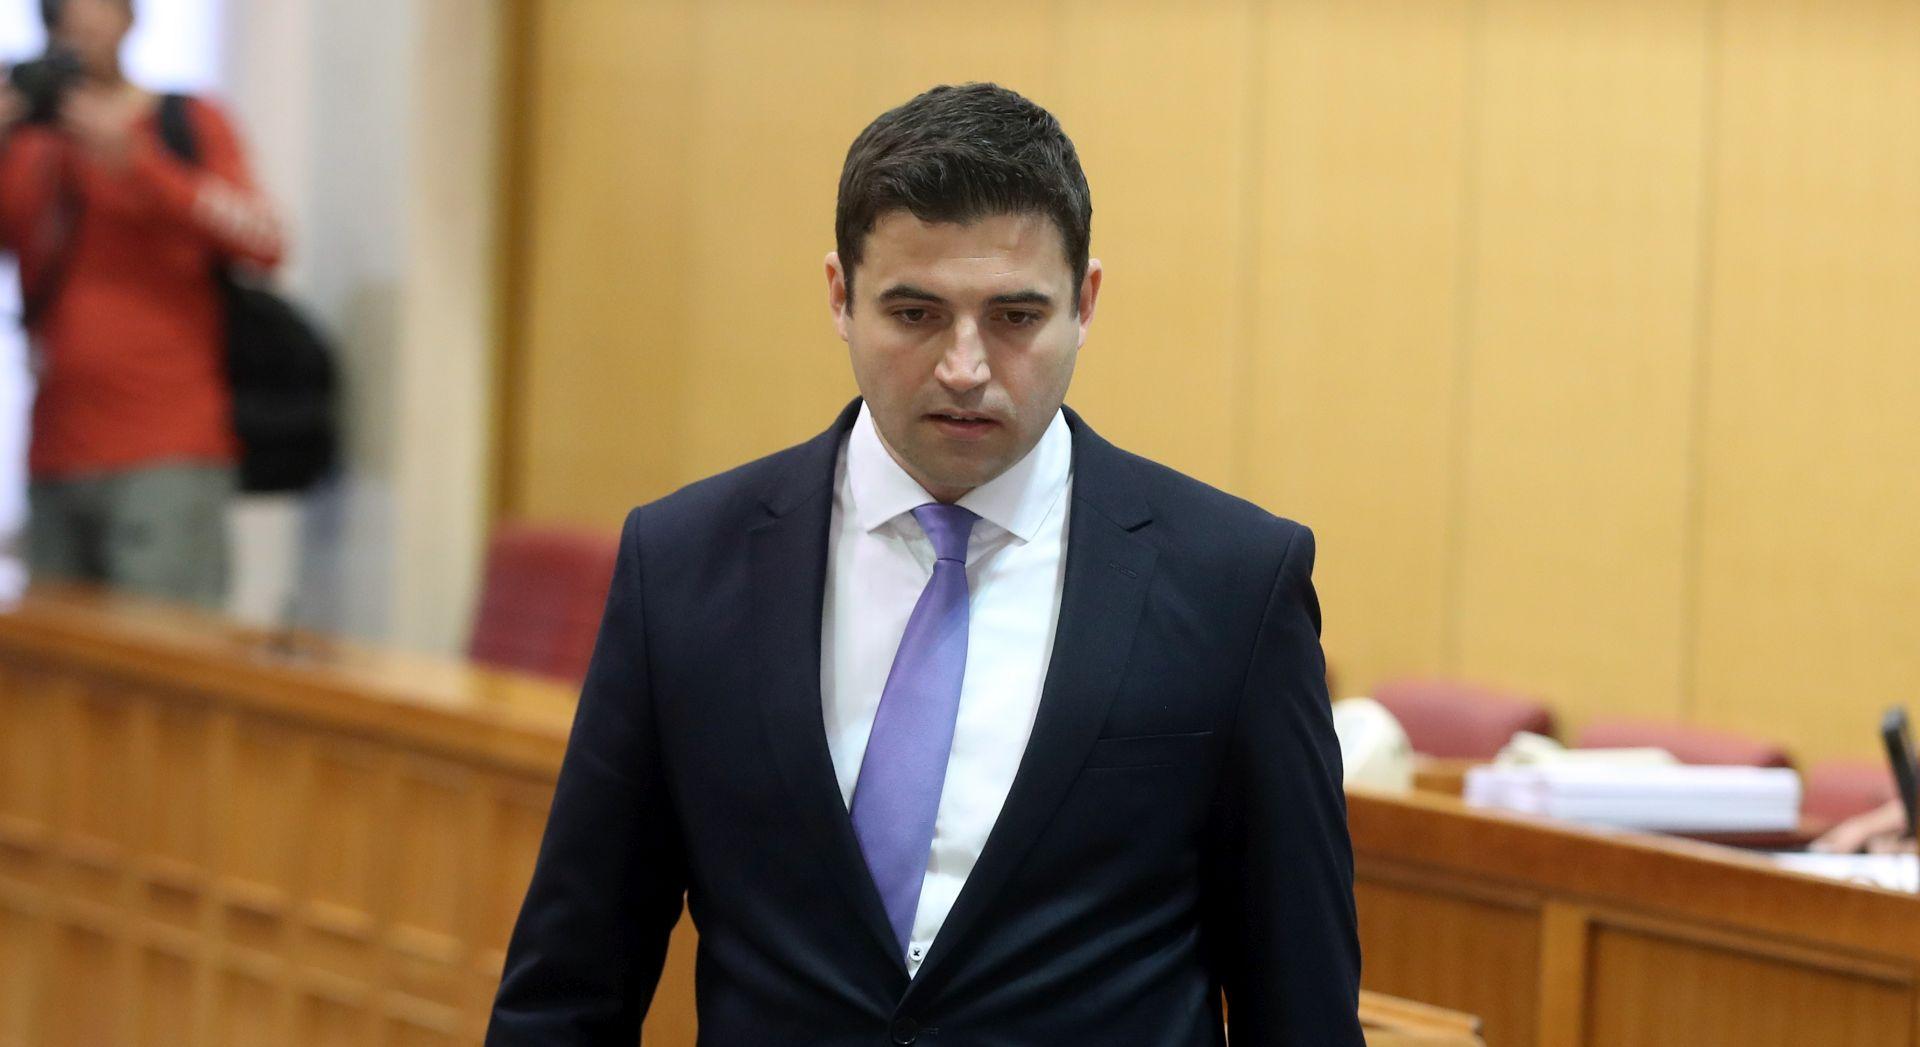 Bernardić neprihvatljivom ocijenio izjavu zamjenika predsjednika HDZ-a o nacionalnim manjinama